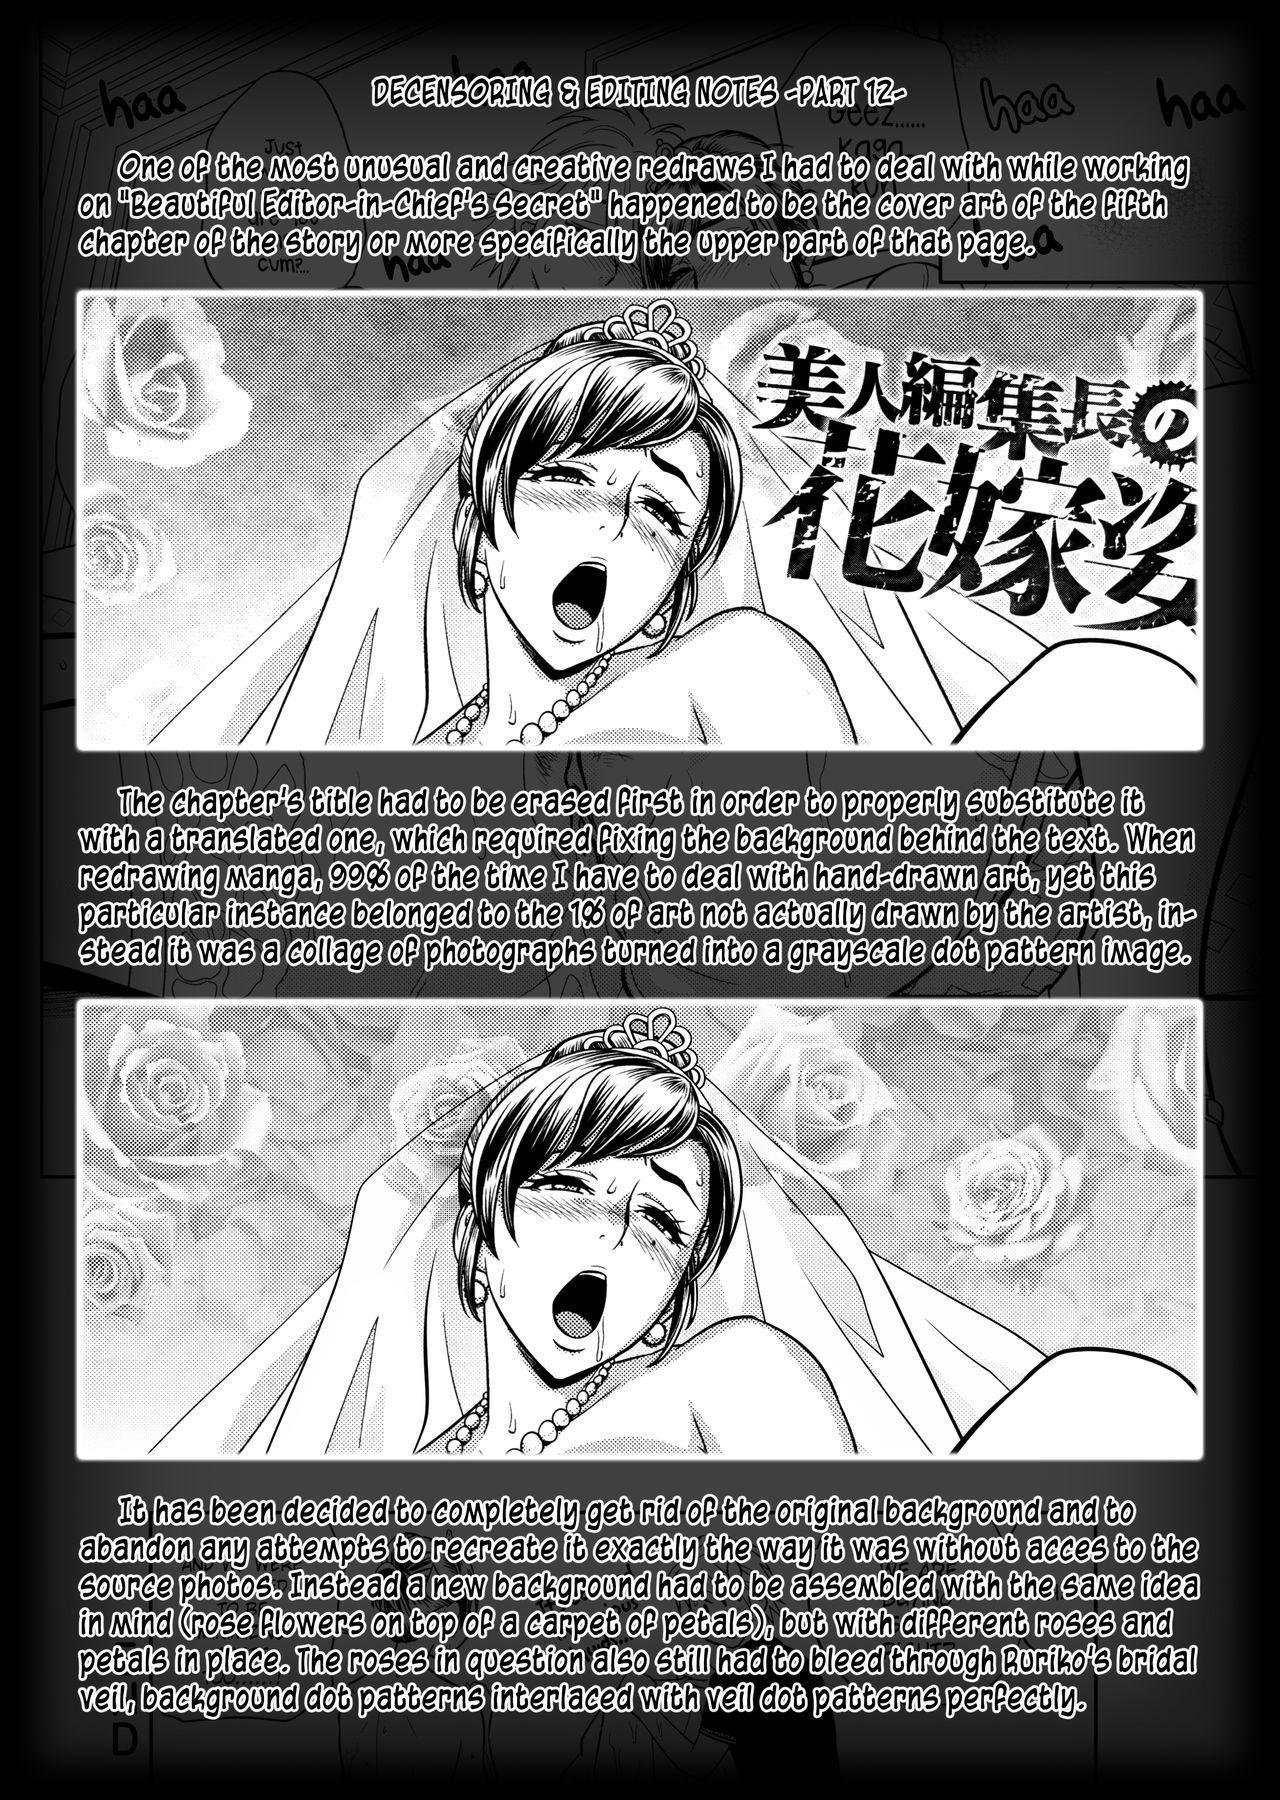 [Tatsunami Youtoku, Yamasaki Masato] Bijin Henshuu-chou no Himitsu | Beautiful Editor-in-Chief's Secret Ch. 1-8 [English] [Forbiddenfetish77, Red Vodka, Crystalium, CEDR777] [Decensored] 186